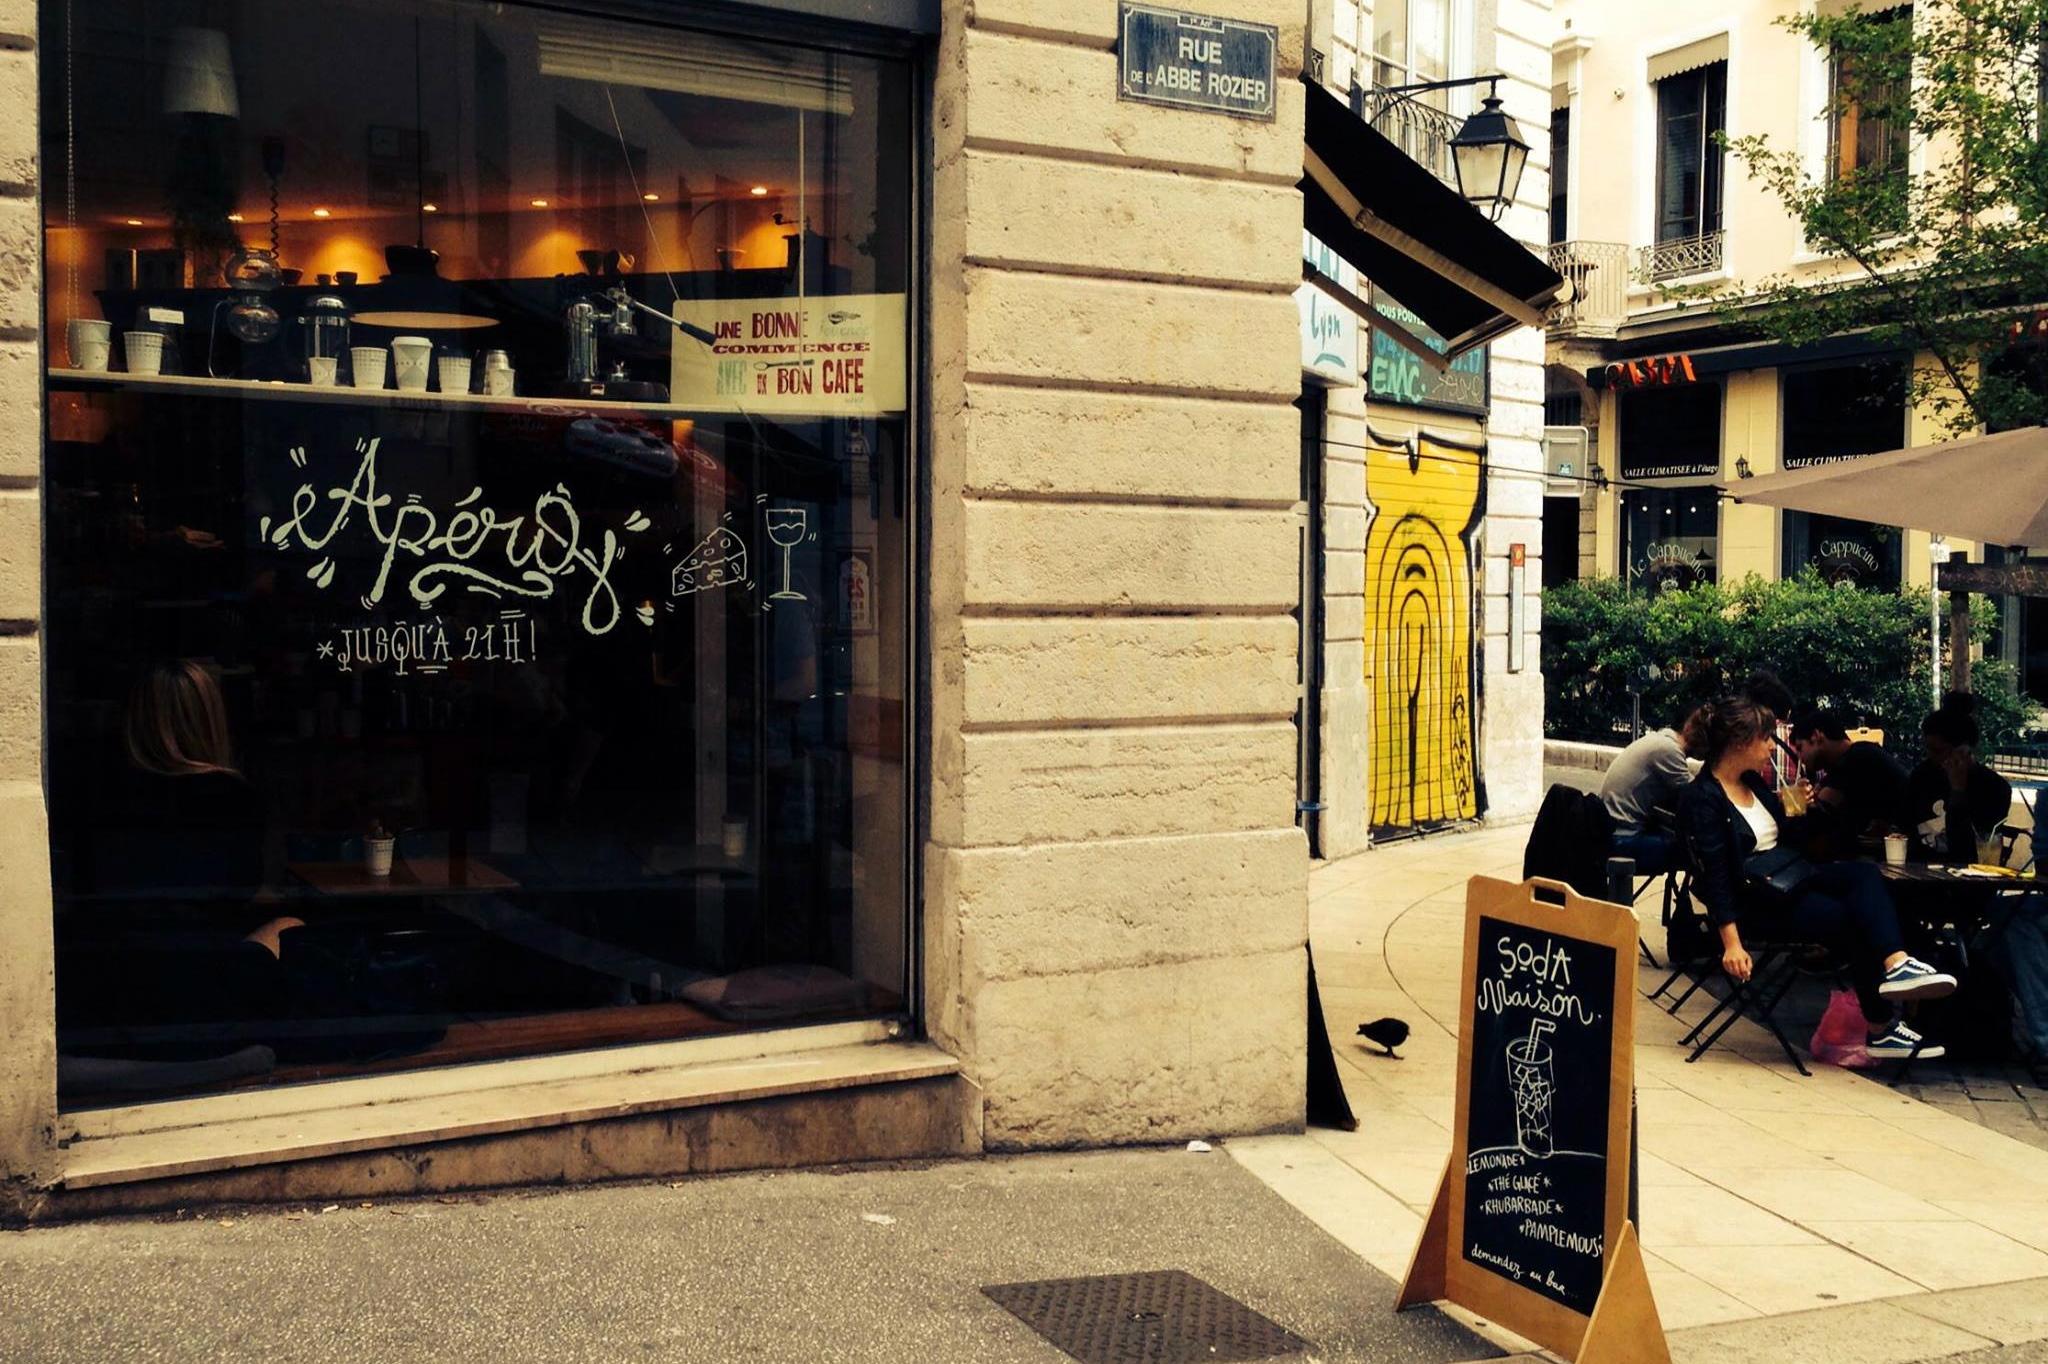 Cafe Mokxa Lyon, France